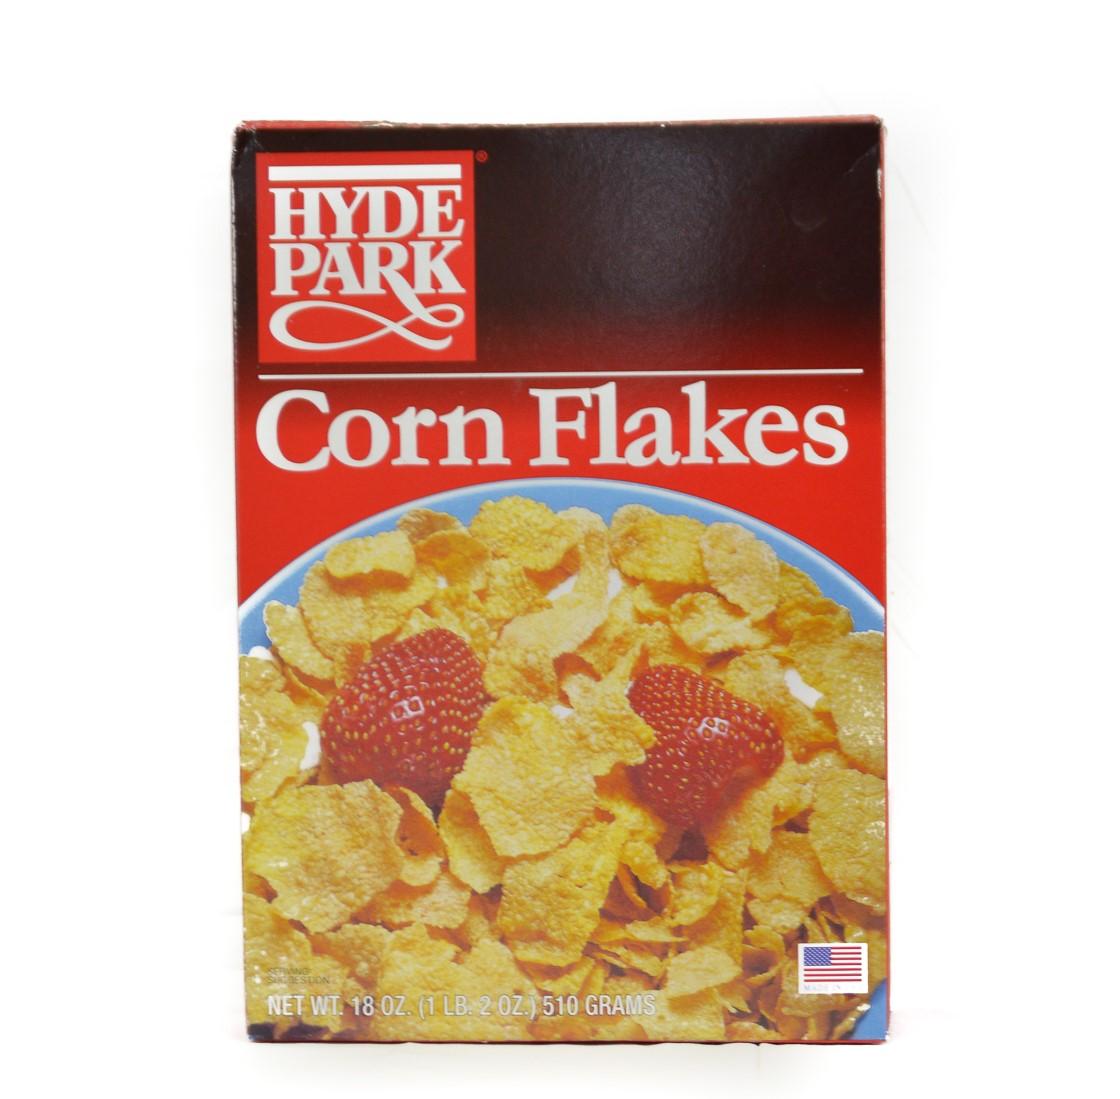 Corn Flakes Hyde Park (3 Boxes)